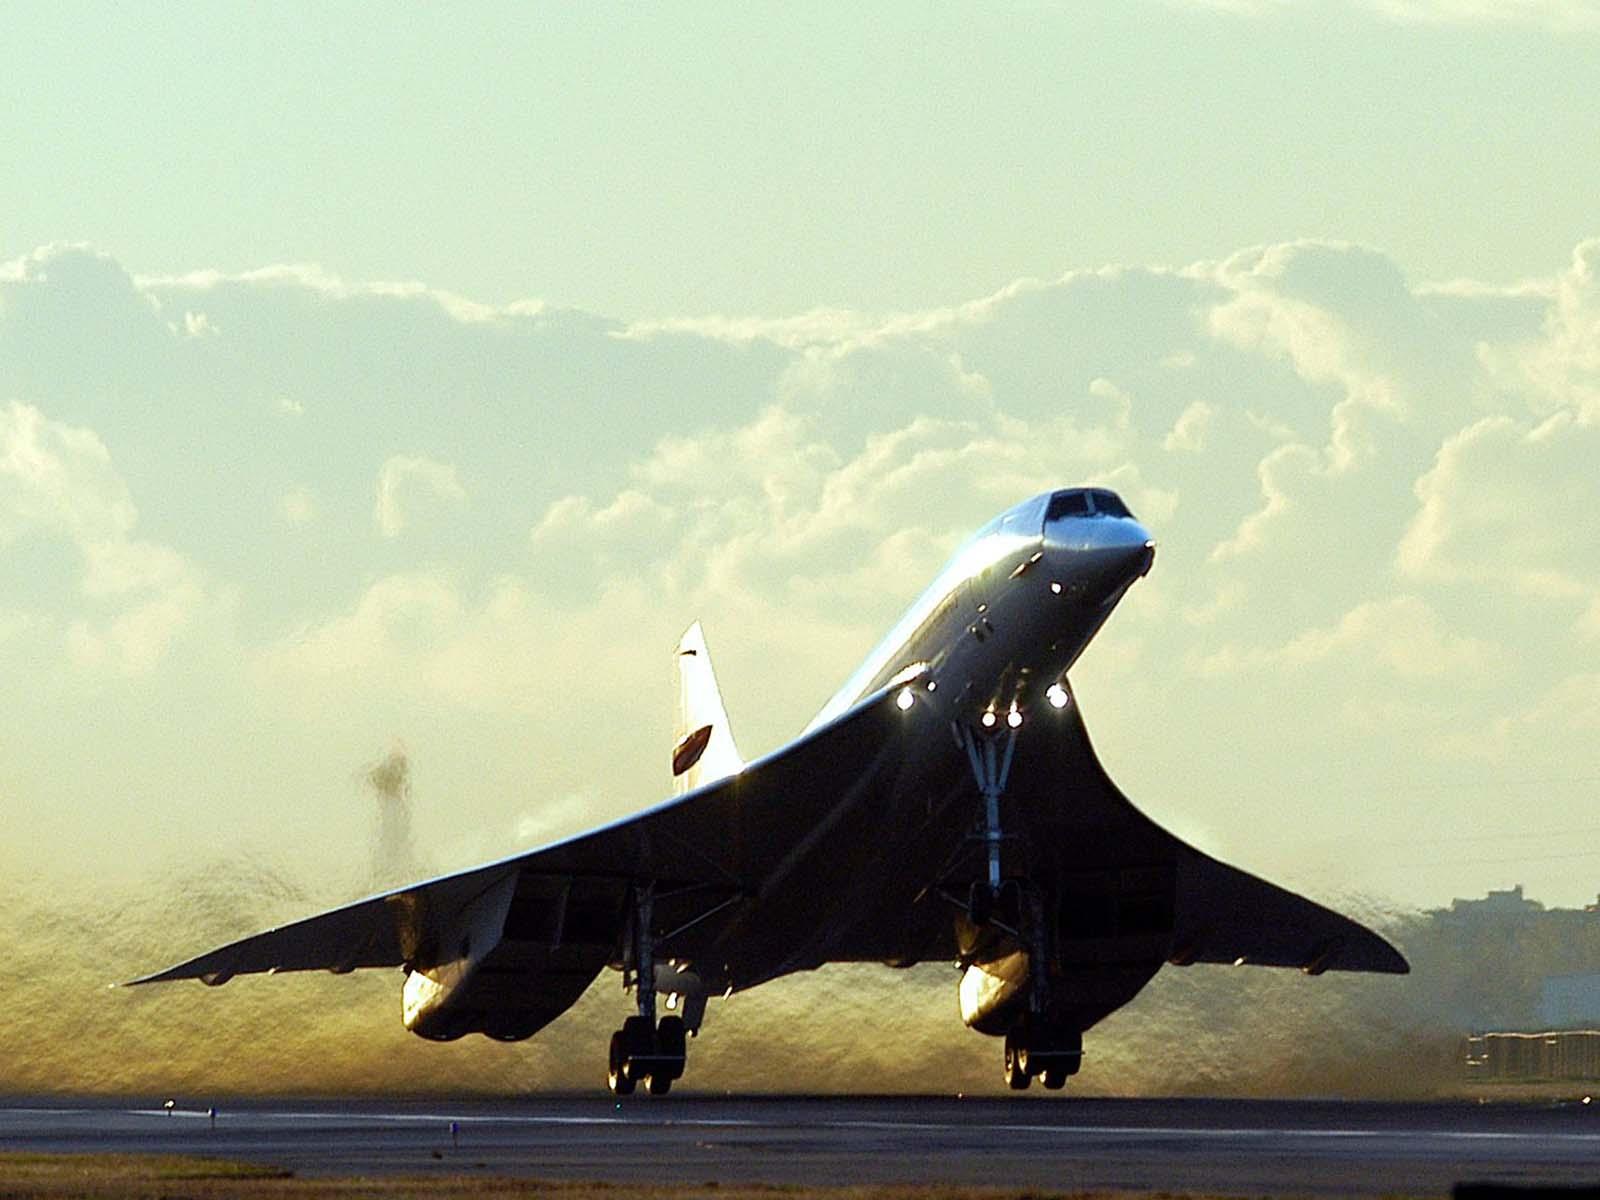 2003 tavaszáig az Air France és a British Airways bejelentette azon szándékát, hogy véglegesen kivonja a Concorde flottáját.